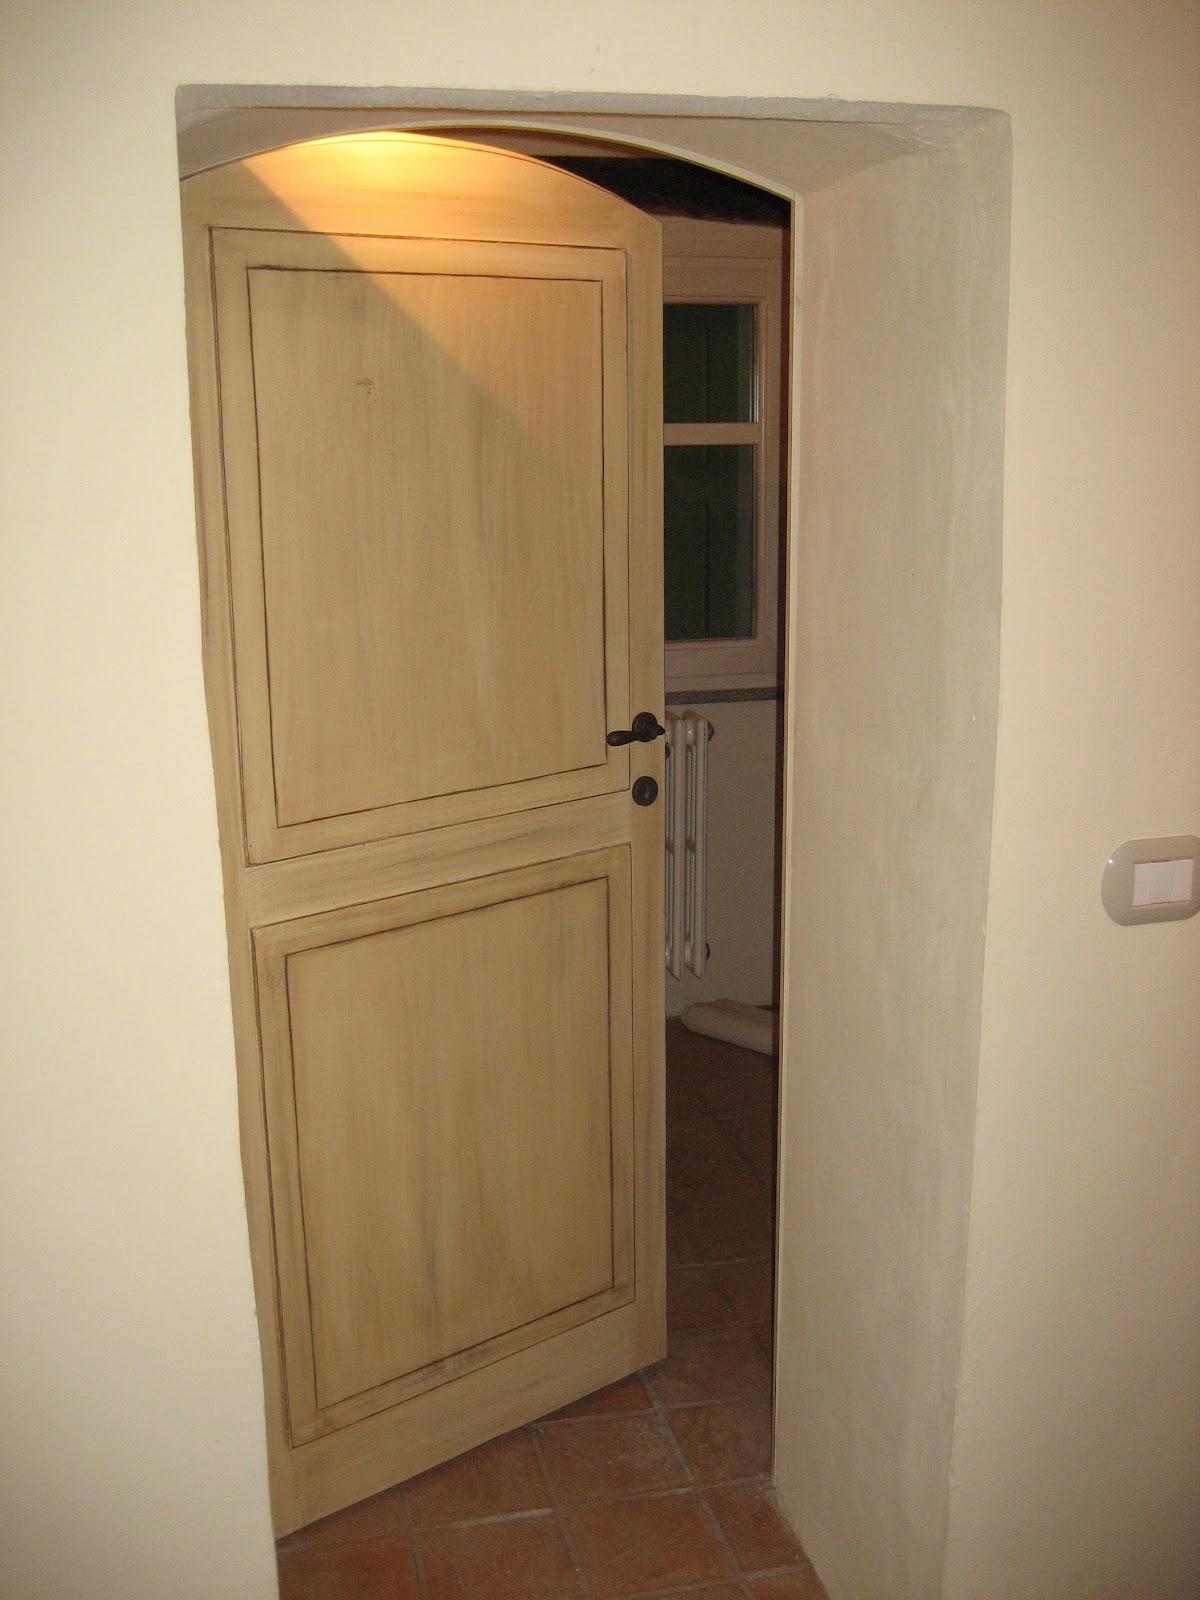 Corteranzo porta del bagno del primo piano - Documenti per ristrutturazione bagno ...